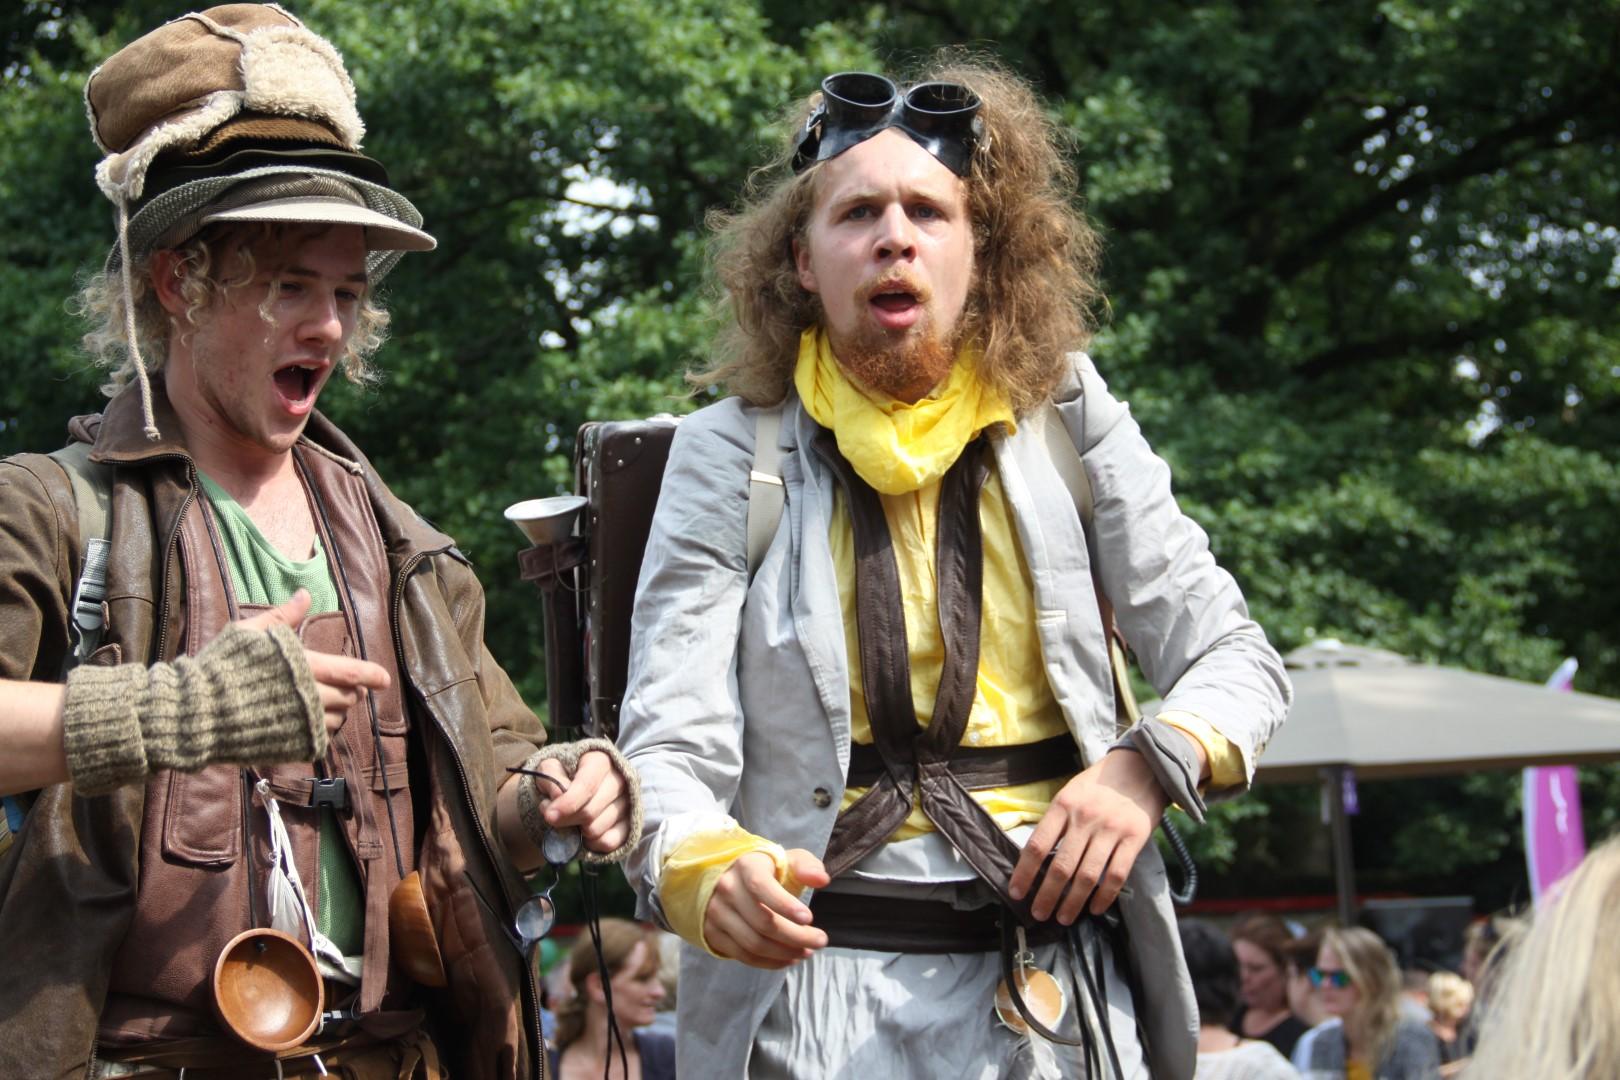 Festival Zomerzinnen is méér dan alleen literatuur en muziek.